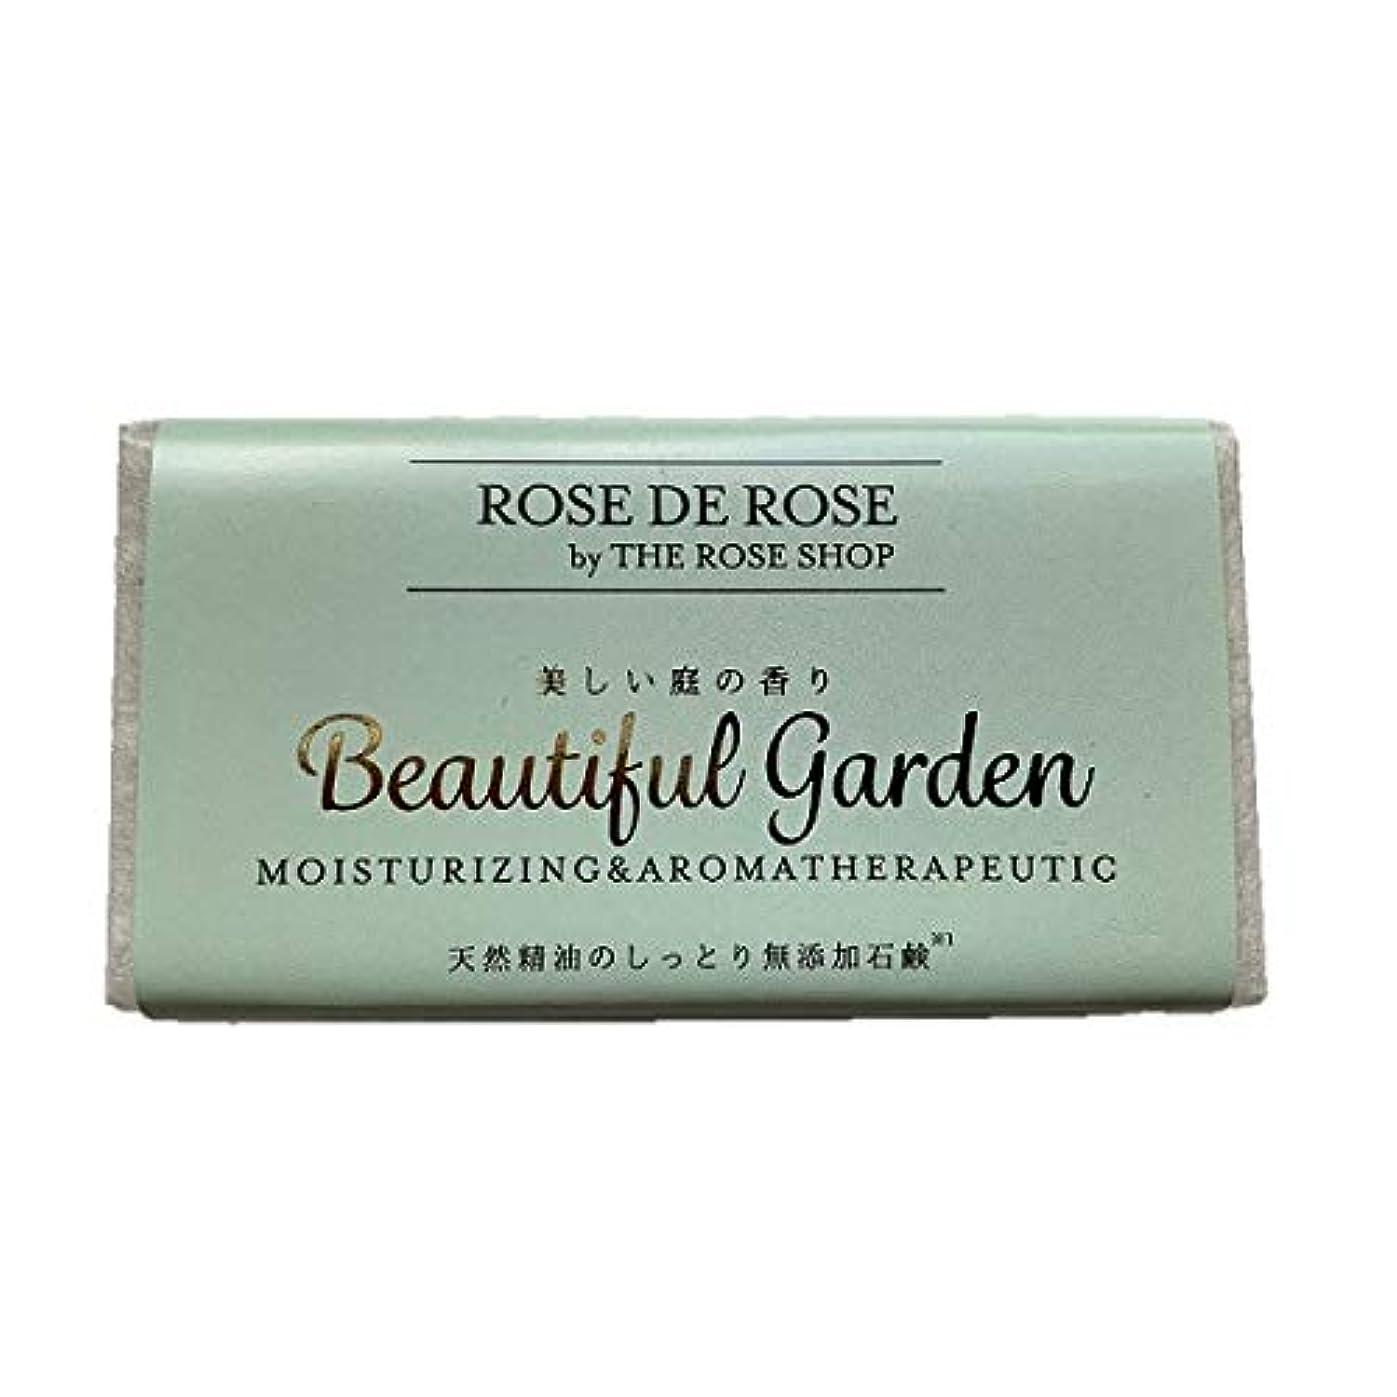 週末パイプメイン天然精油の無添加石鹸 「美しい庭の香り ビューティフルガーデン」2個セット